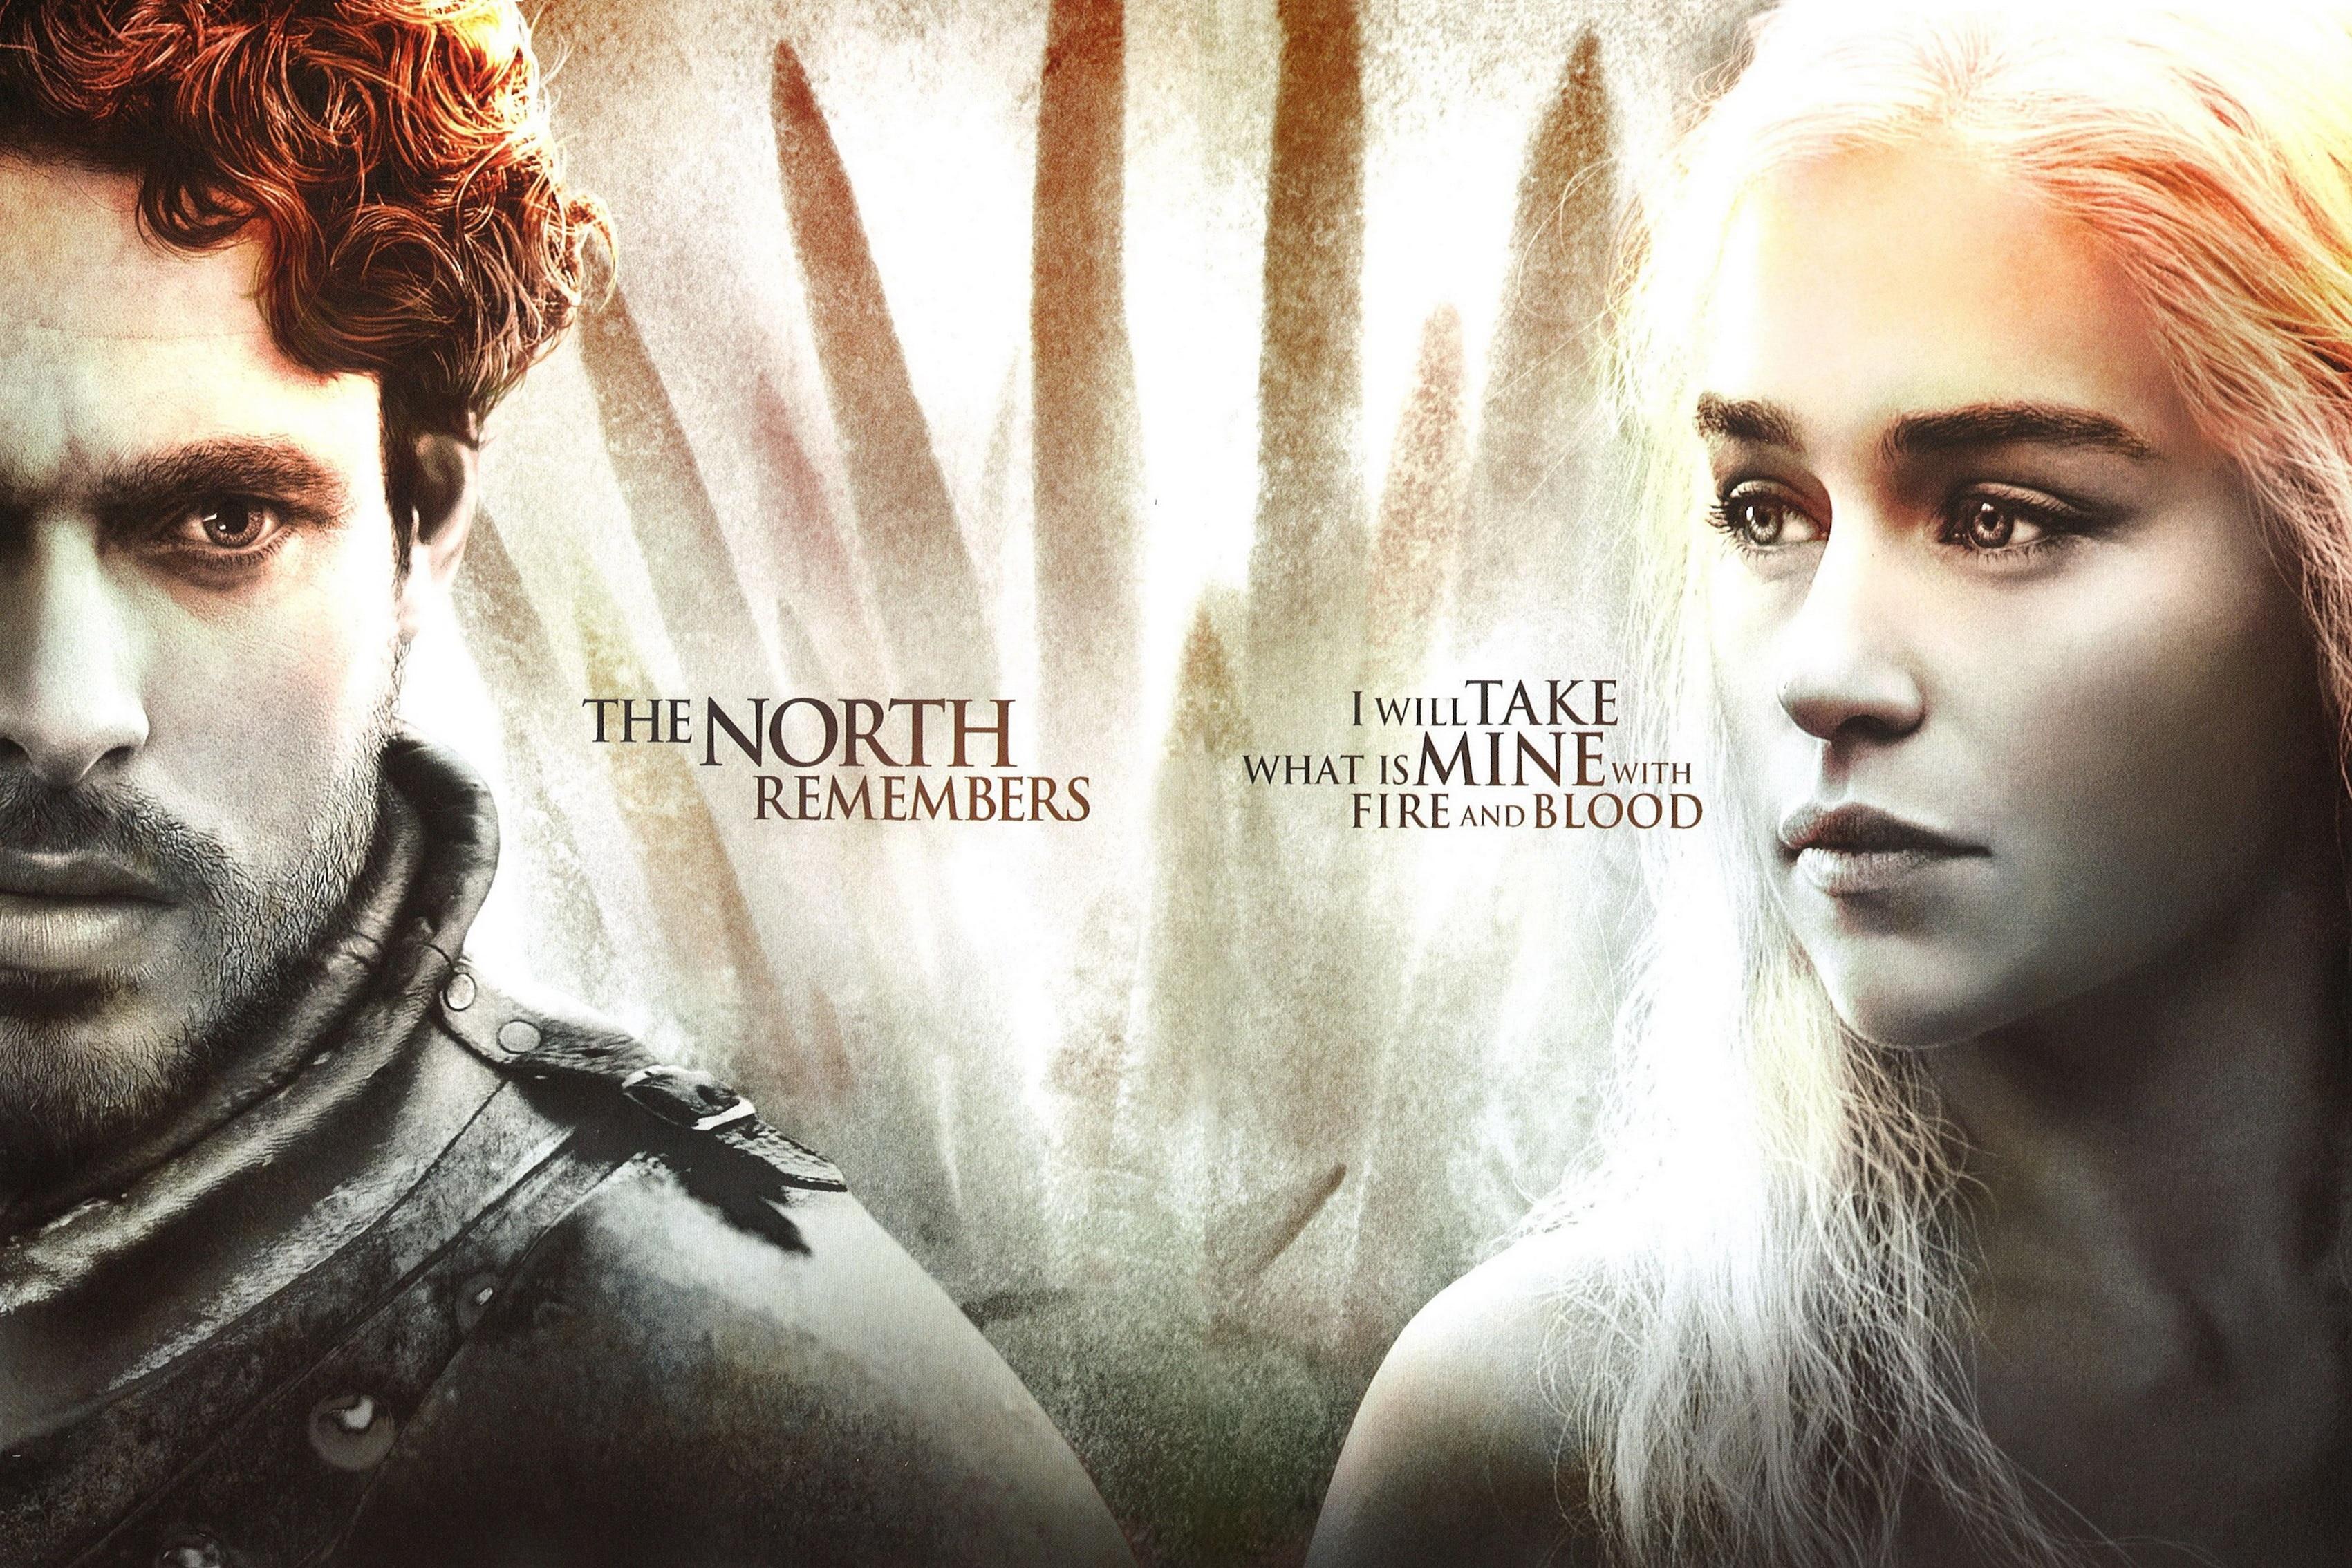 Dekoration Game Of Thrones Saison 3 Seide Stoff Plakat-druck DY074